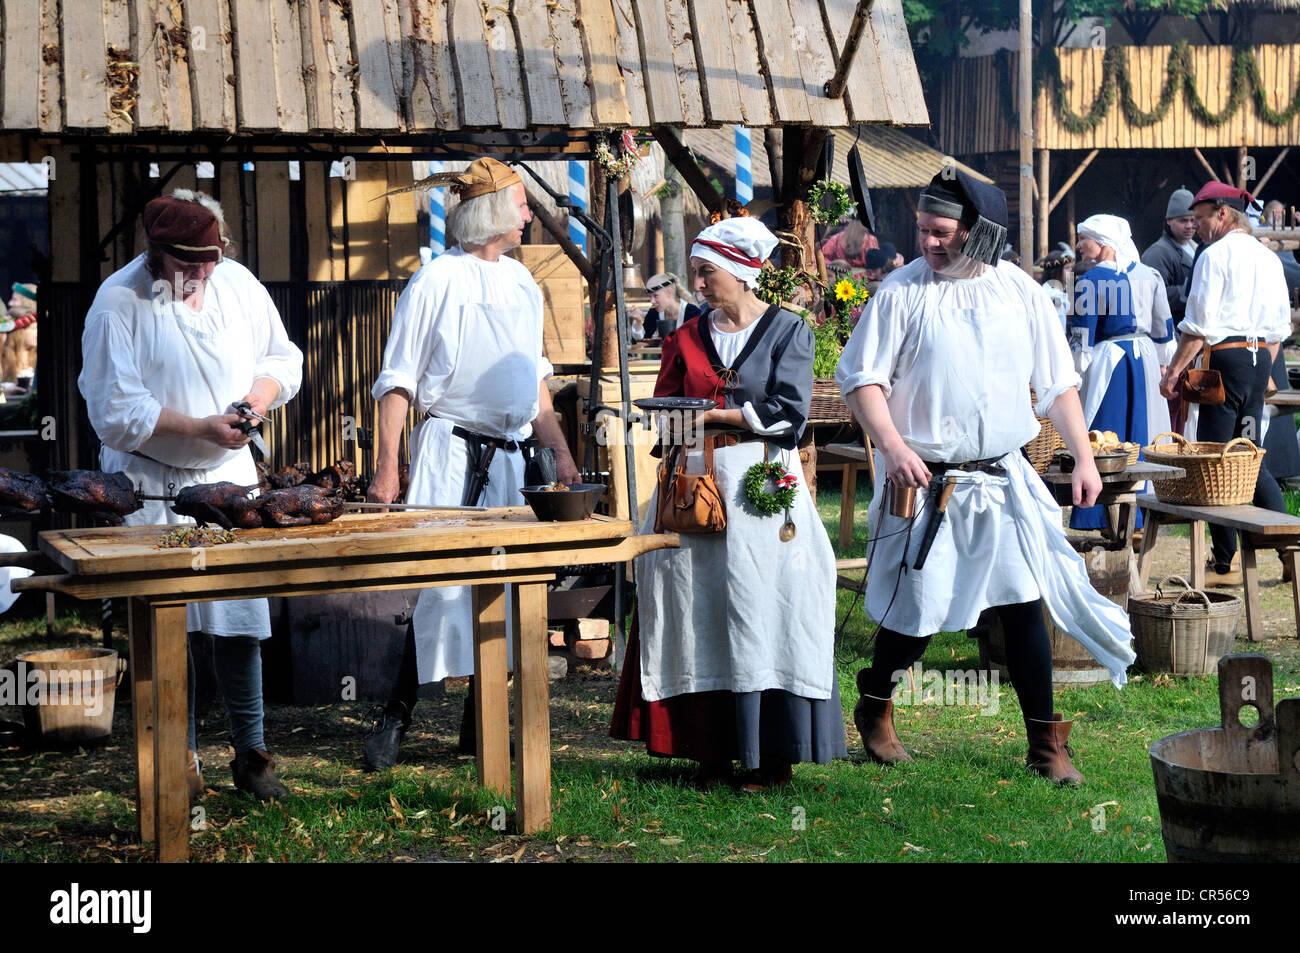 La vita quotidiana in un accampamento medievale durante la Landshuter Hochzeit 2009, uno dei più grandi rievocazioni Immagini Stock